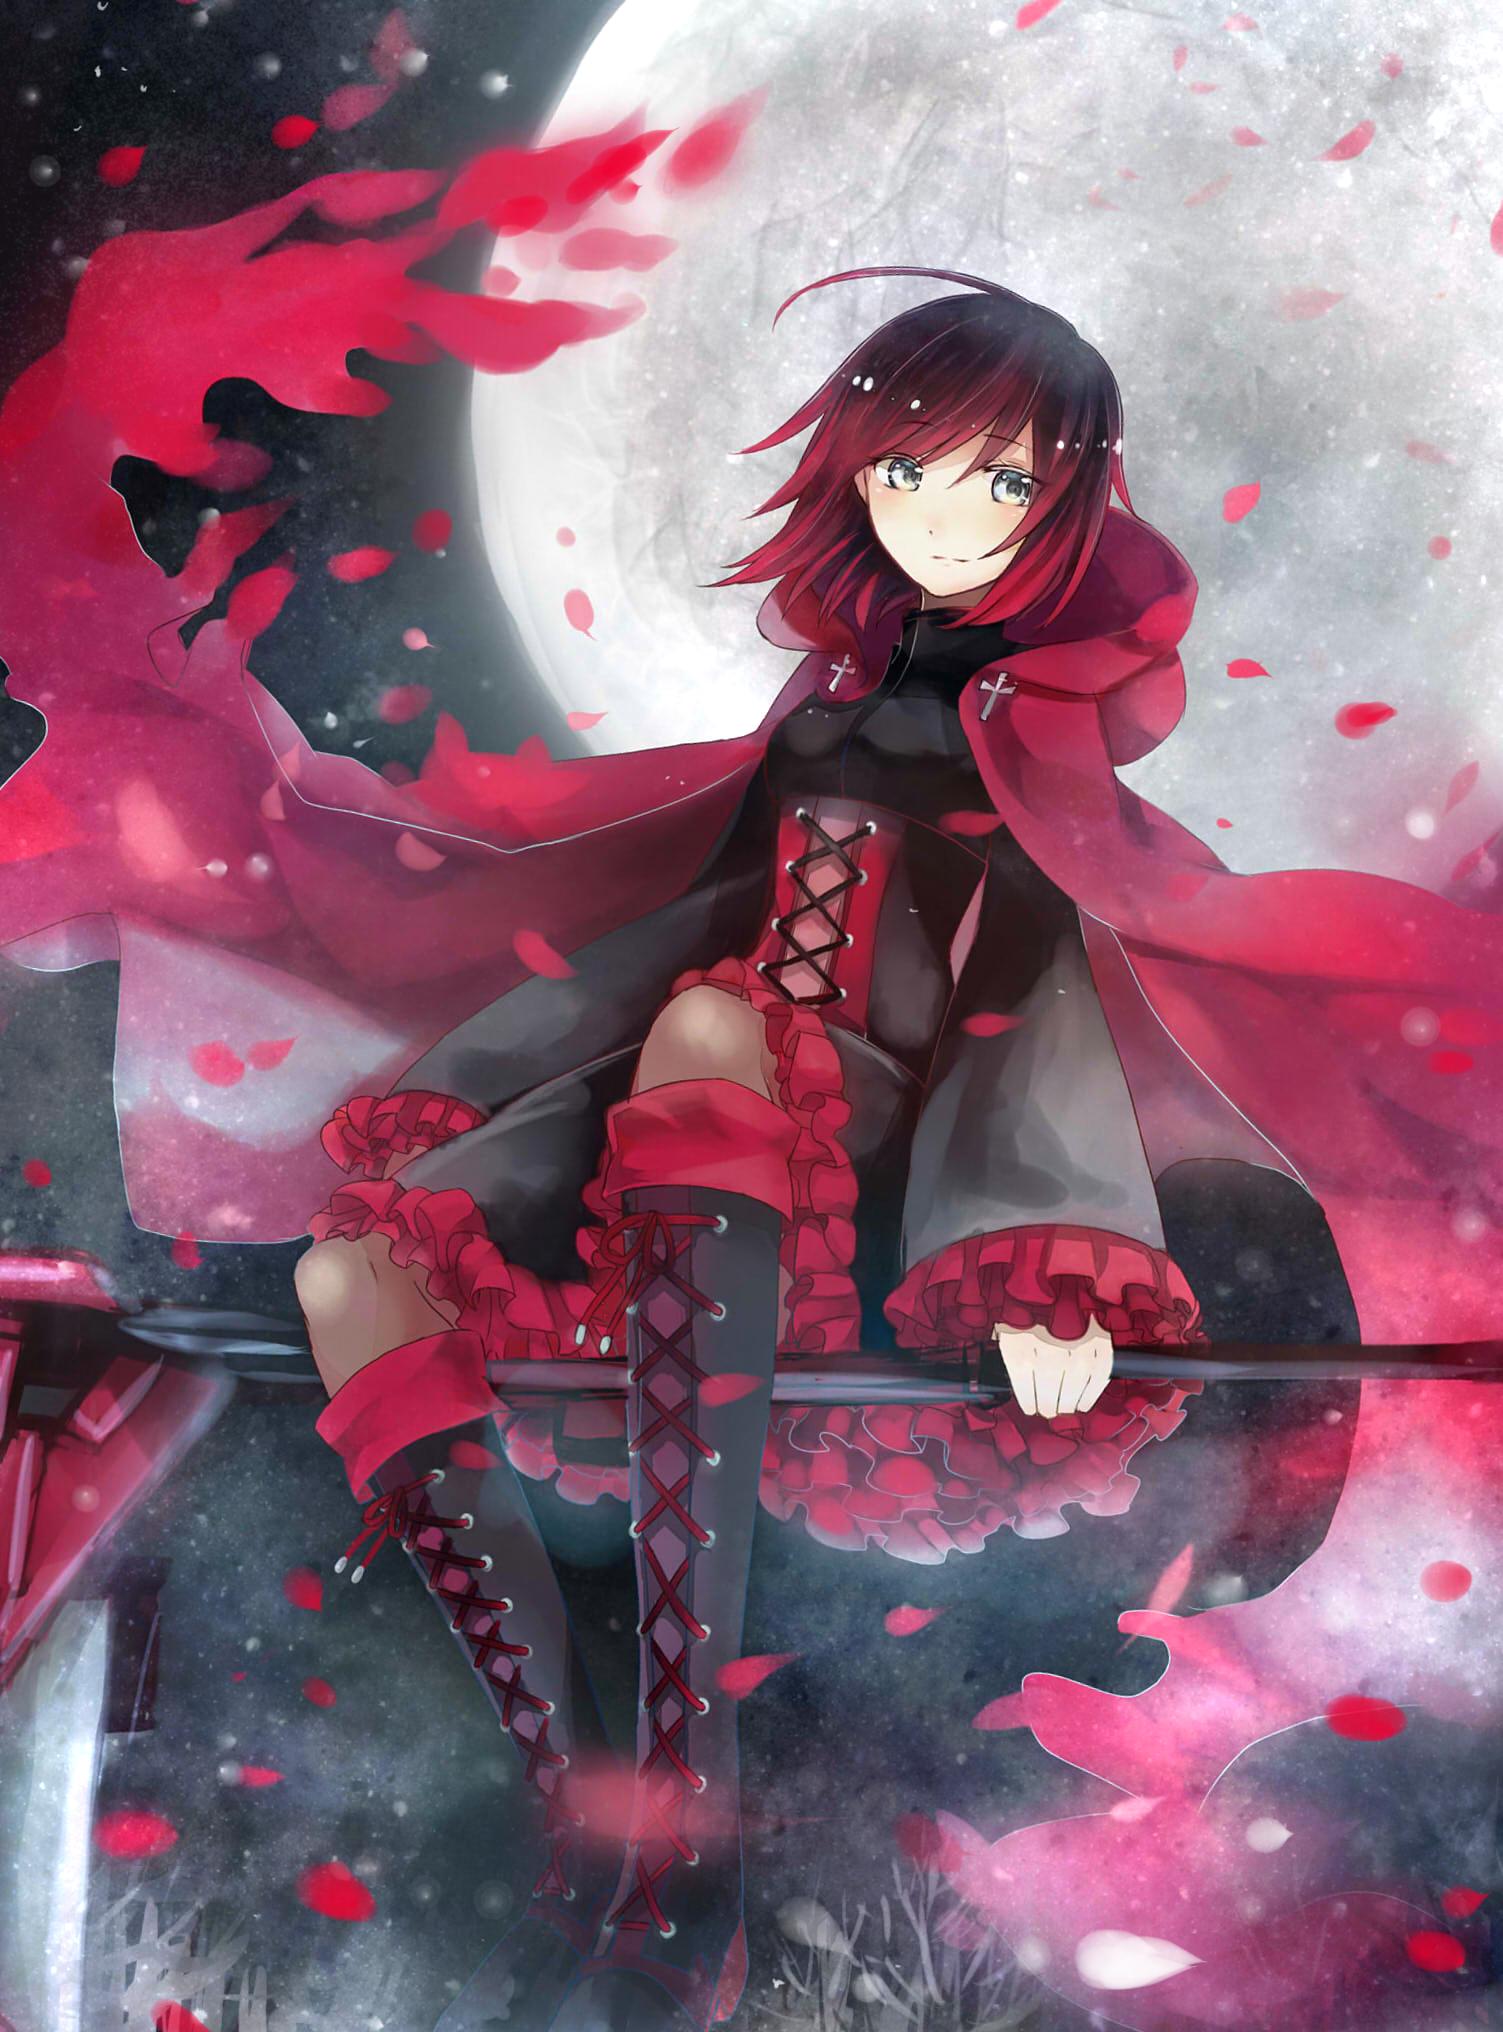 Ruby rose  | RWBY | Rwby anime, Anime, Rwby